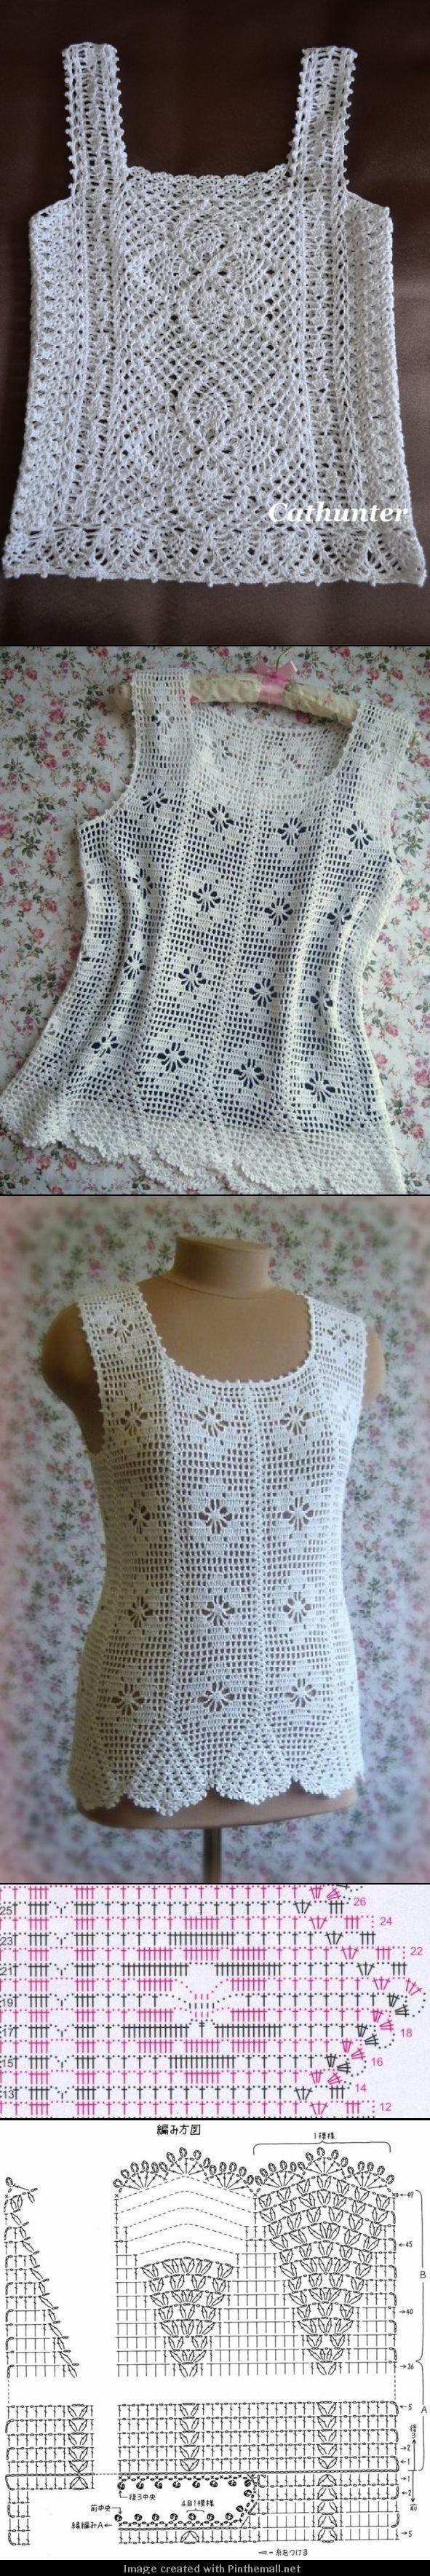 Luty Artes Crochet: blusas e boleros